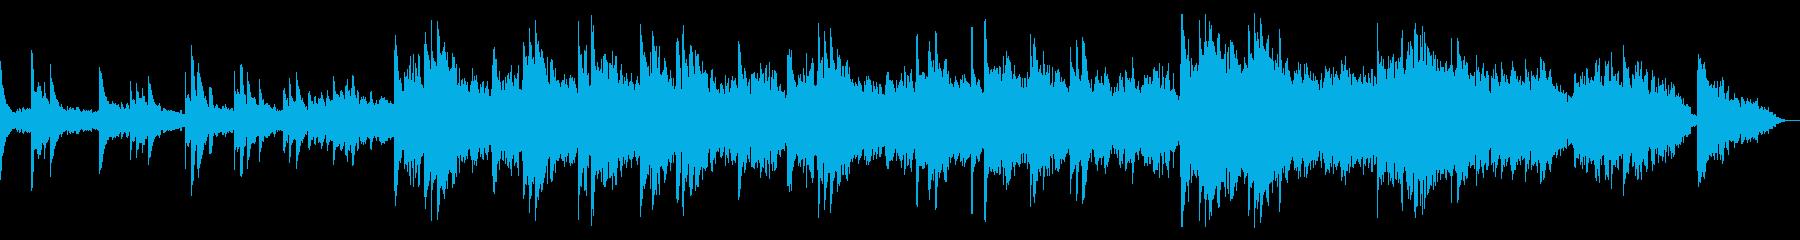 邪魔せず静かに彩るピアノコーラスバラードの再生済みの波形